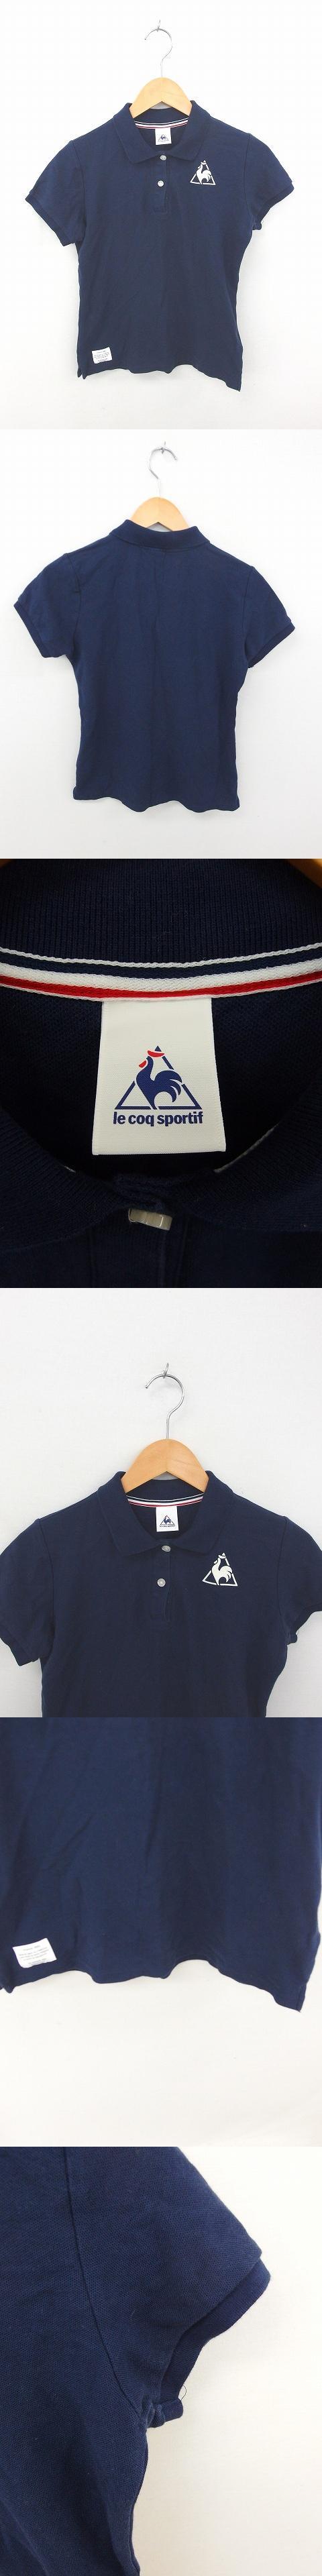 シャツ ポロシャツ ロゴ ワンポイント 綿 コットン 半袖 L 紺 ネイビー /TT21